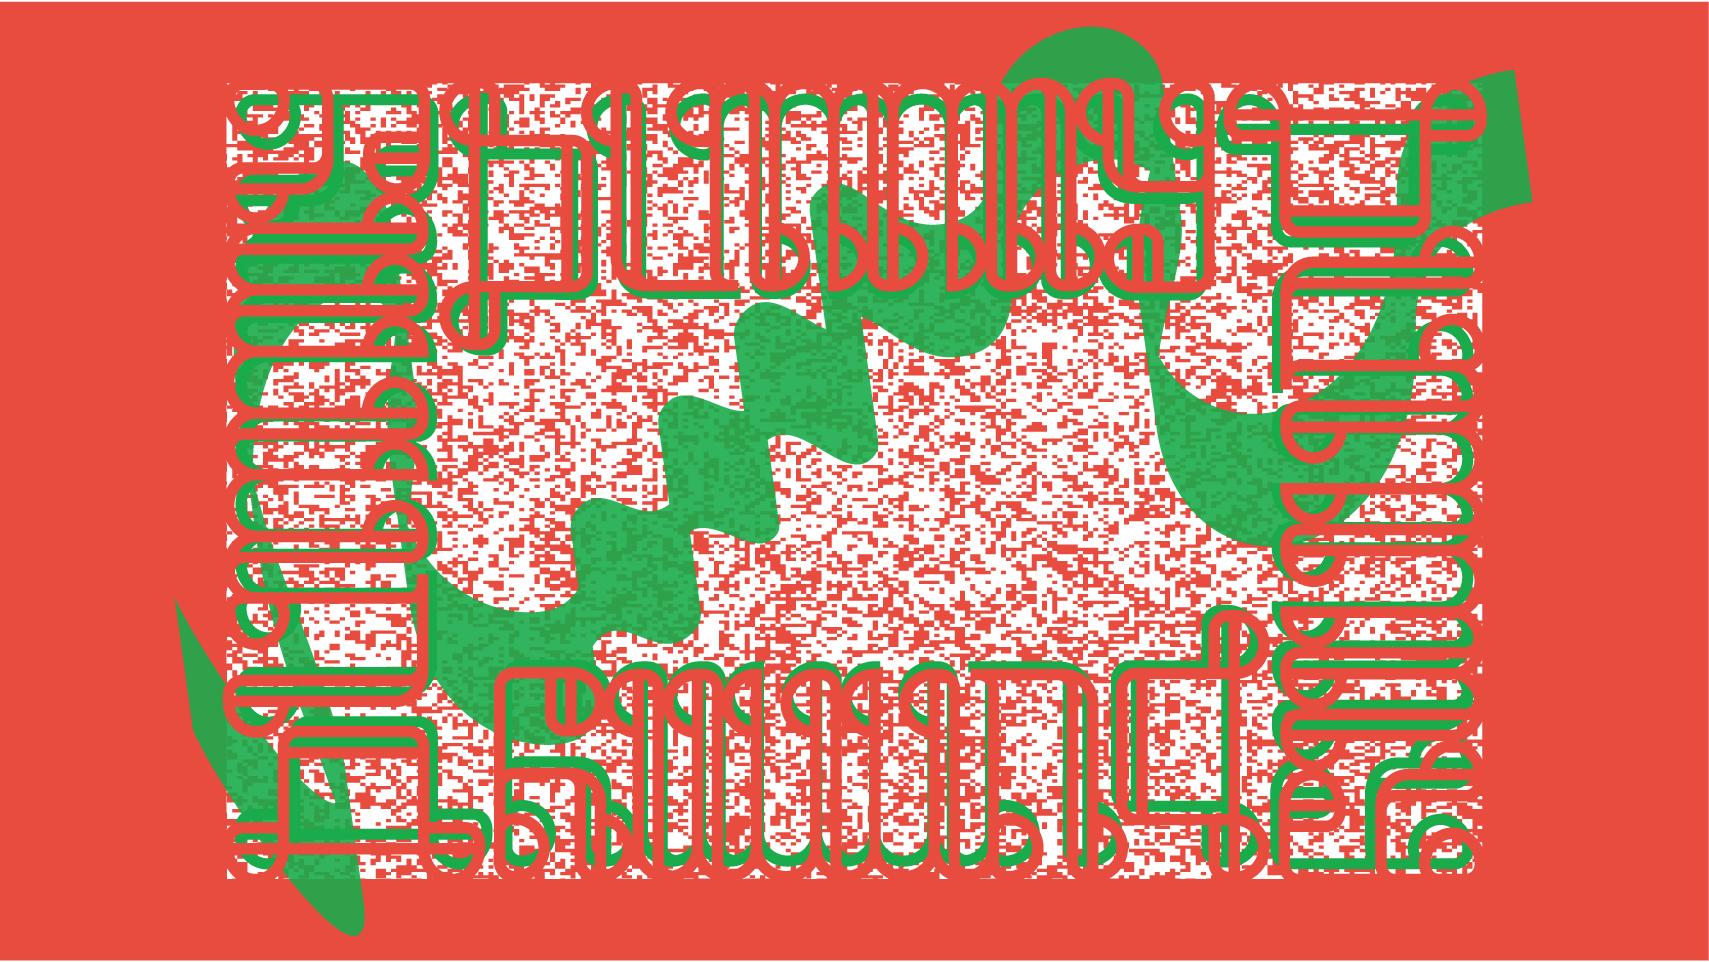 【12/14】Dummy vol.7 @Forestlimit